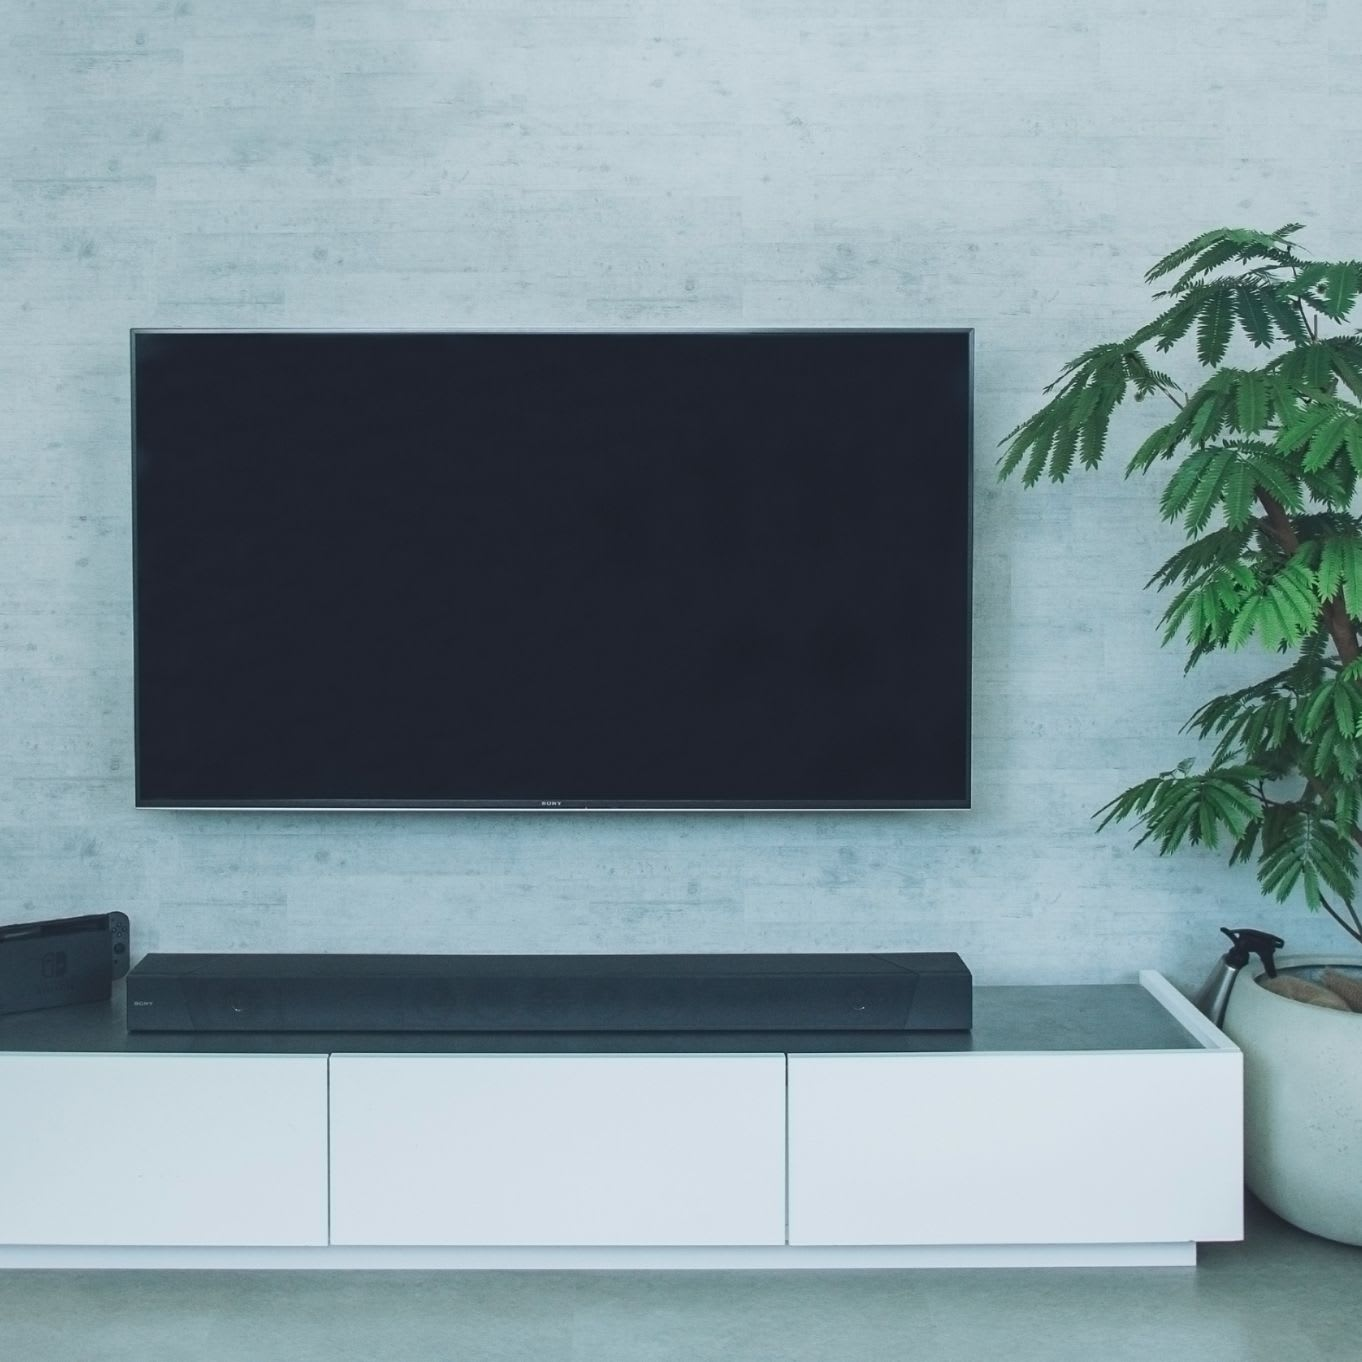 「テレビは浮かせる」とスッキリ!シンプルでおしゃれなリビングの作り方